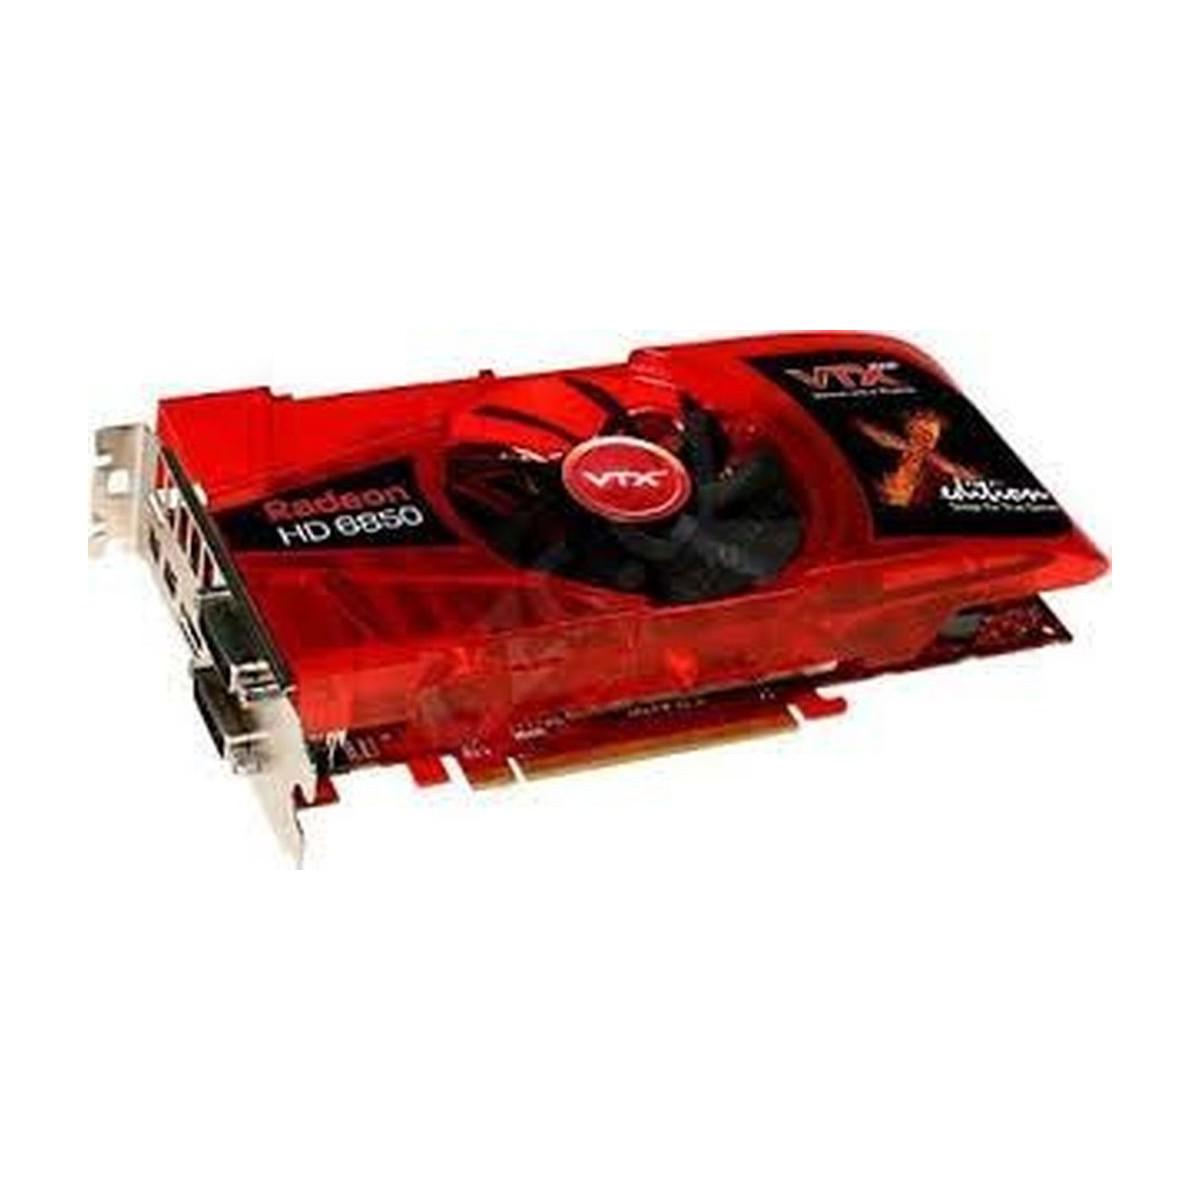 HP 8200 TOWER 3.4QC i7 2600 8GB 250GB SATA WIN7 PRO